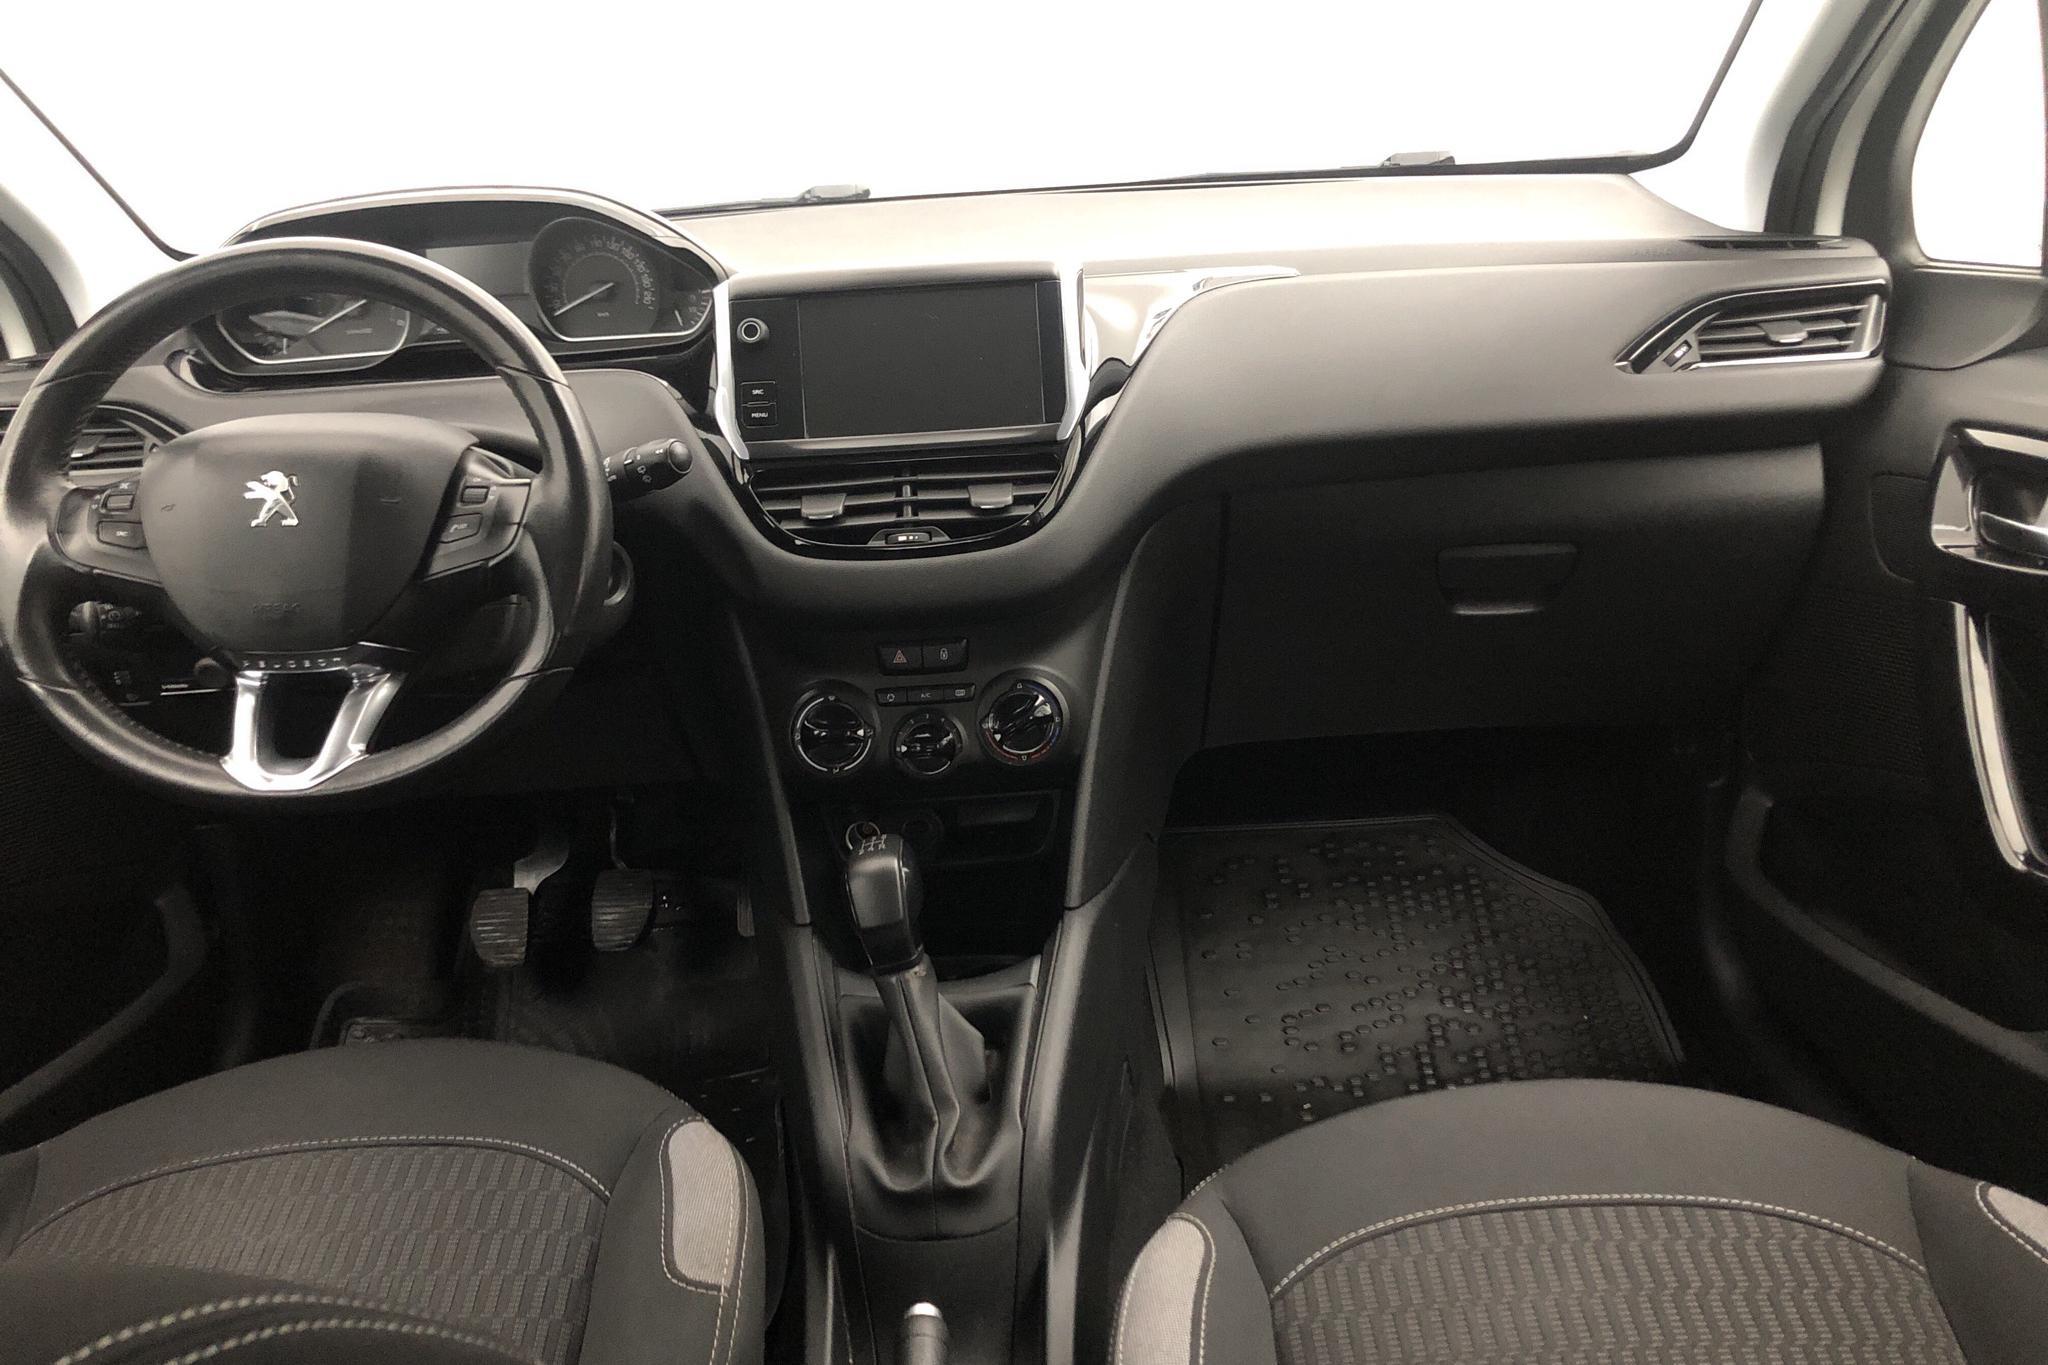 Peugeot 208 BlueHDi 5dr (100hk) - 12 633 mil - Manuell - vit - 2016